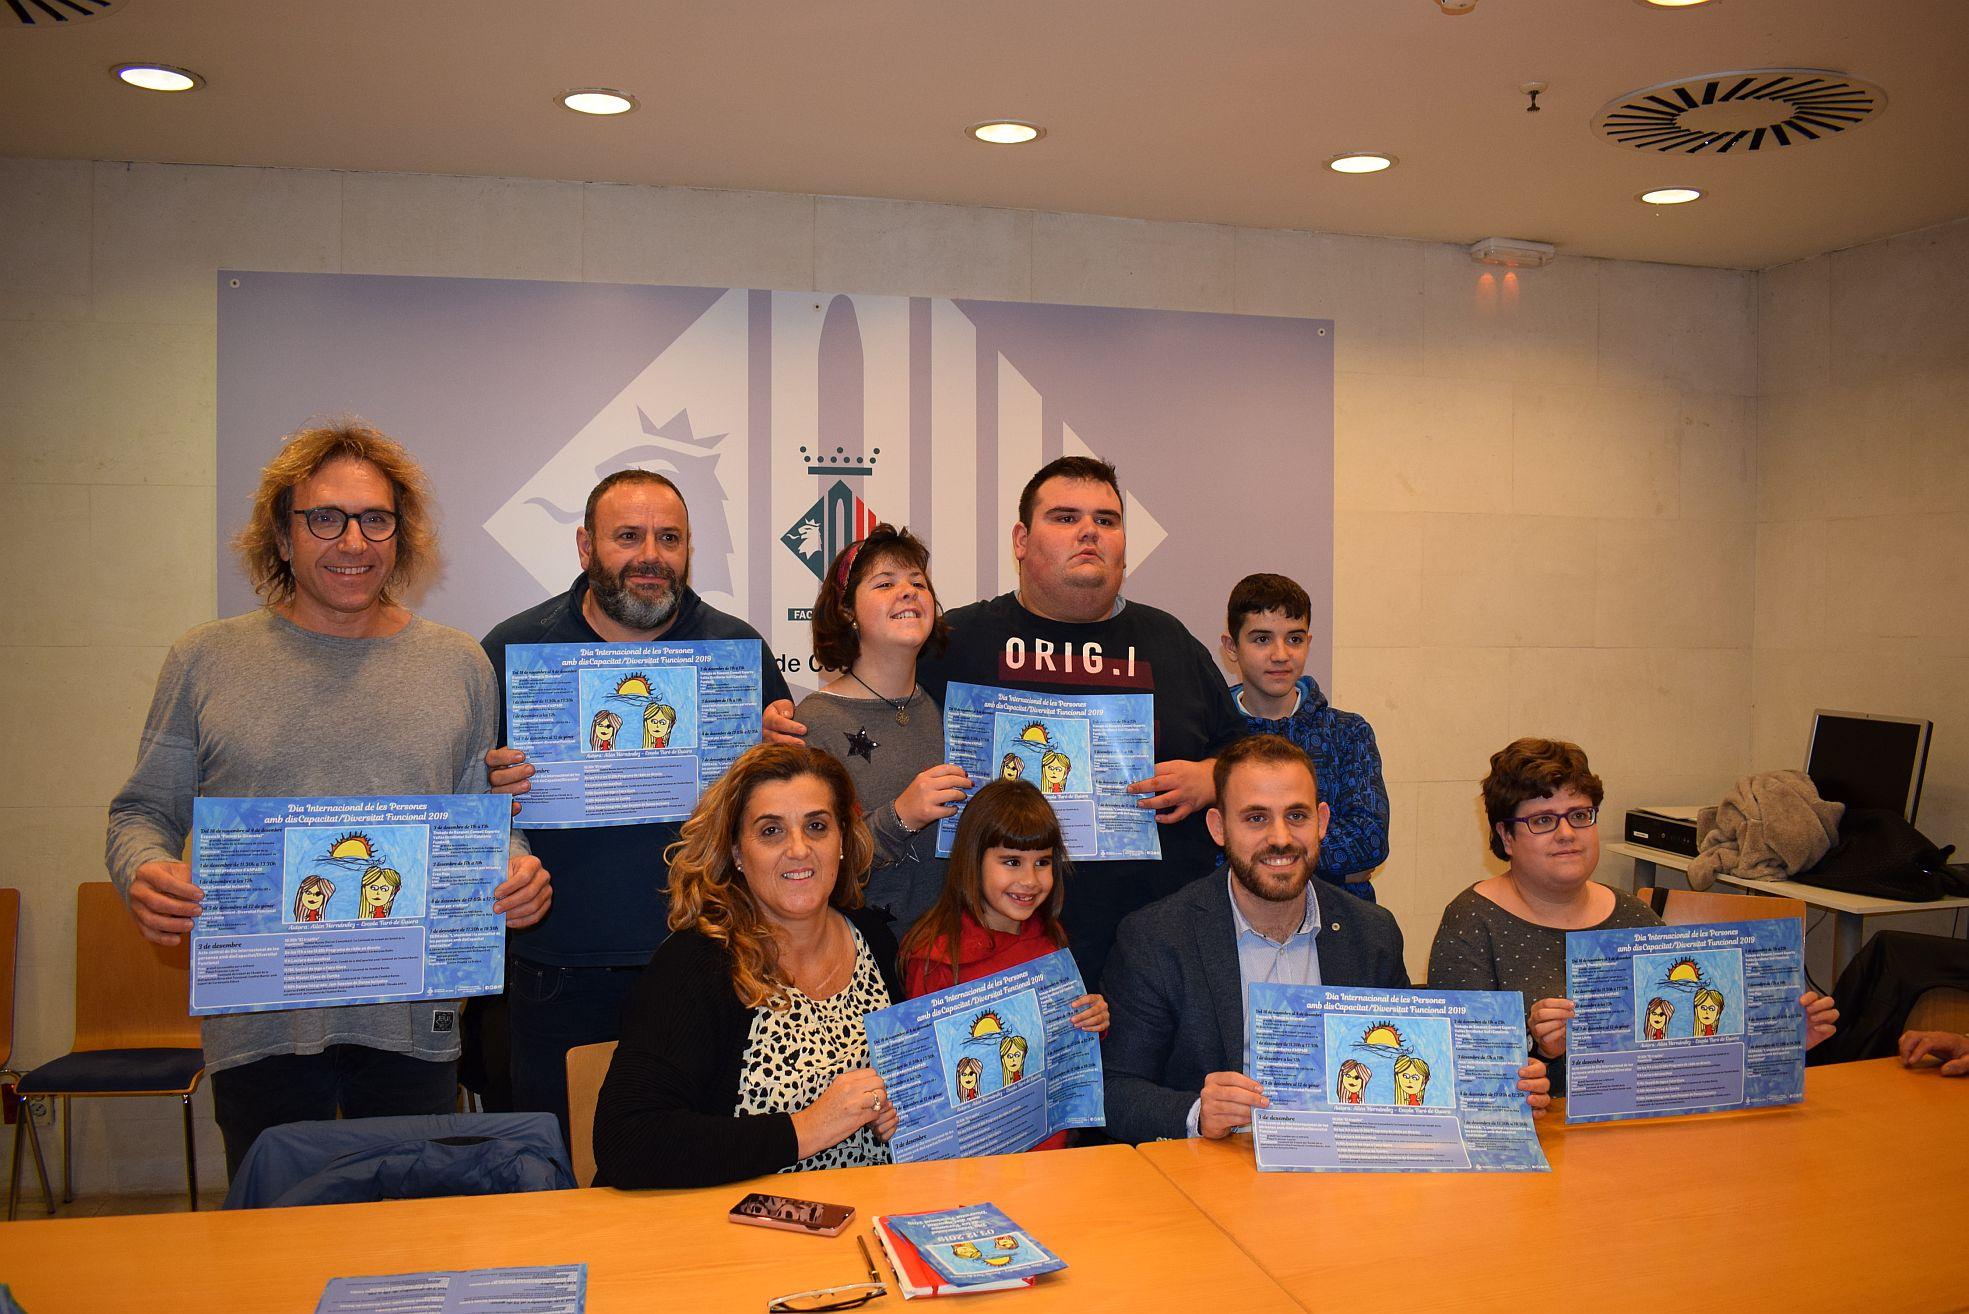 Foto de grup dels participants a la roda de premsa